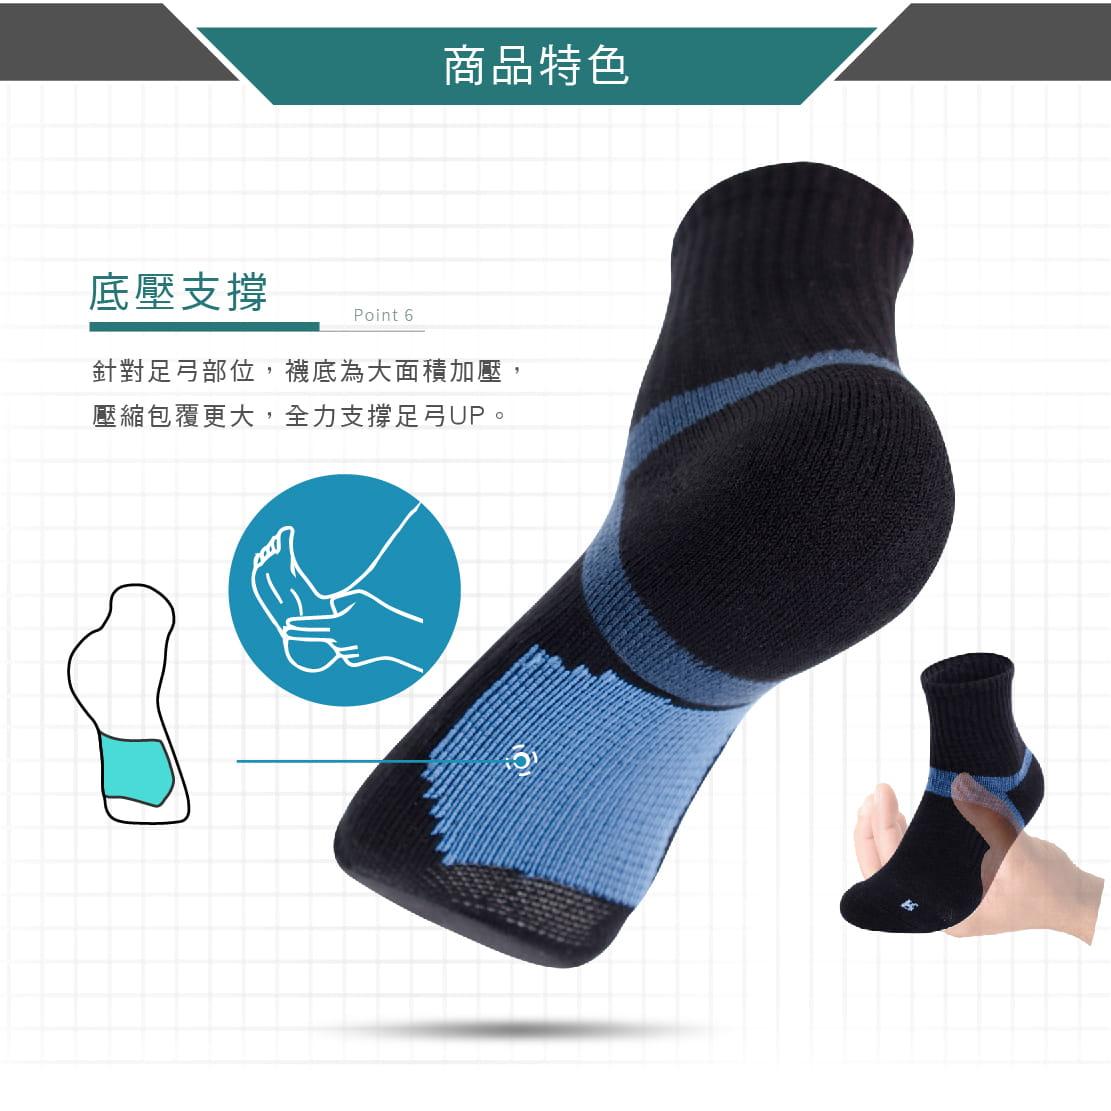 【FAV】足弓機能運動襪 4